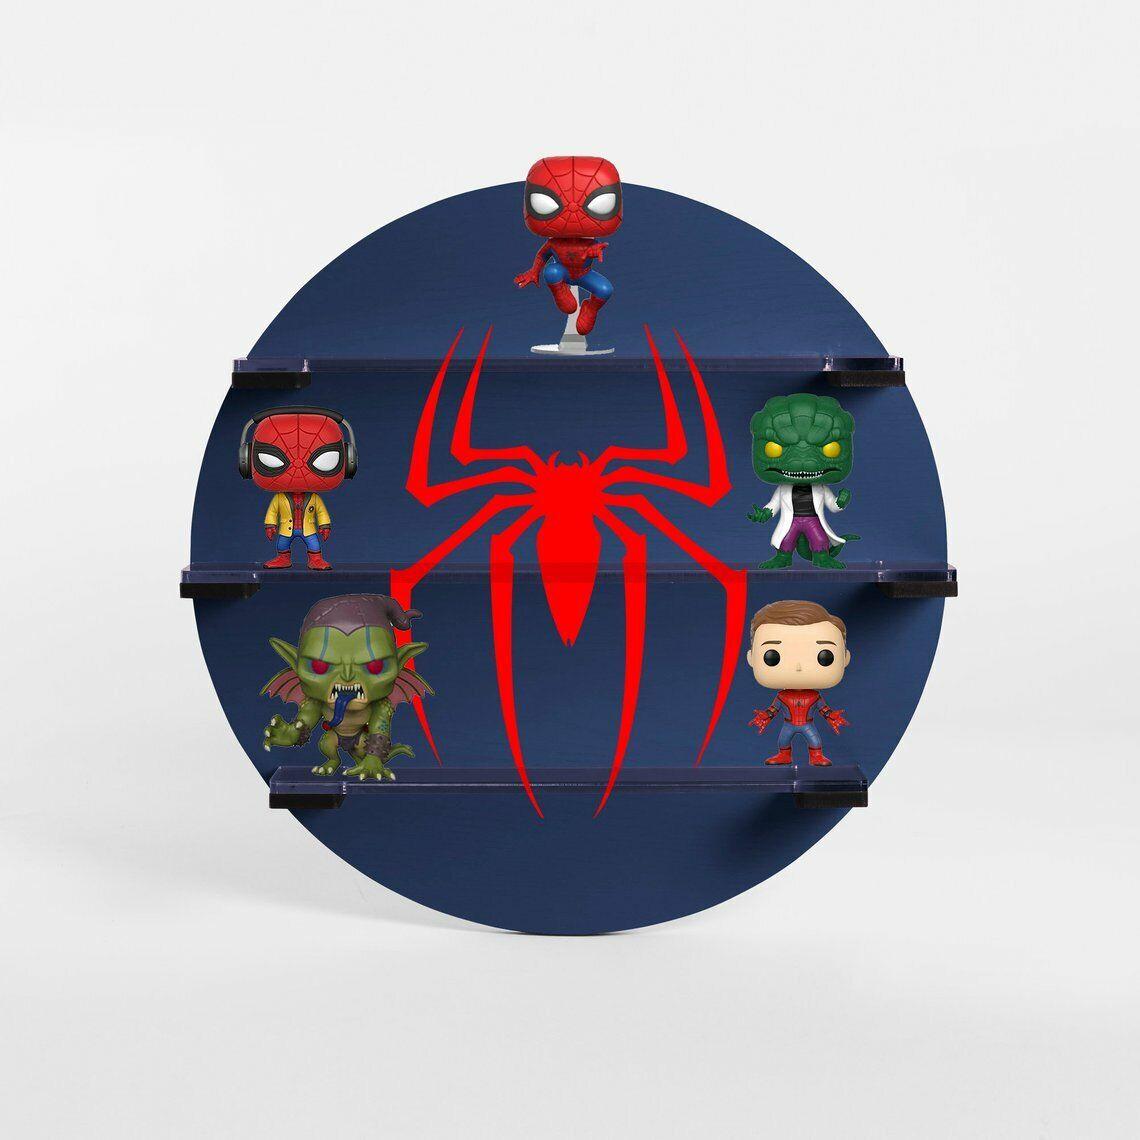 ventas en linea Spiderman Funko Pop Vinilo Estante de exhibición exhibición exhibición  marcas de moda